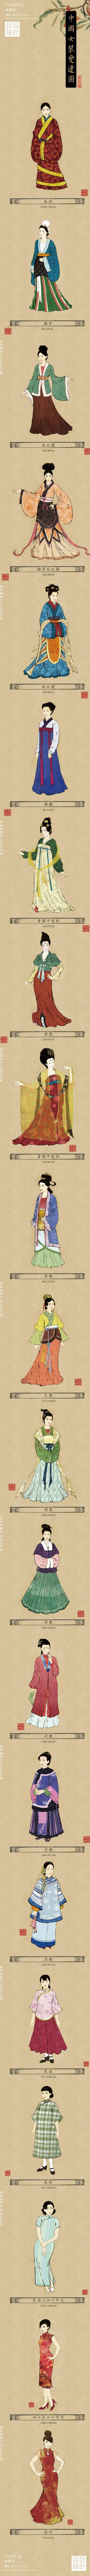 中国女性从古到今衣着时尚变迁史 第1张